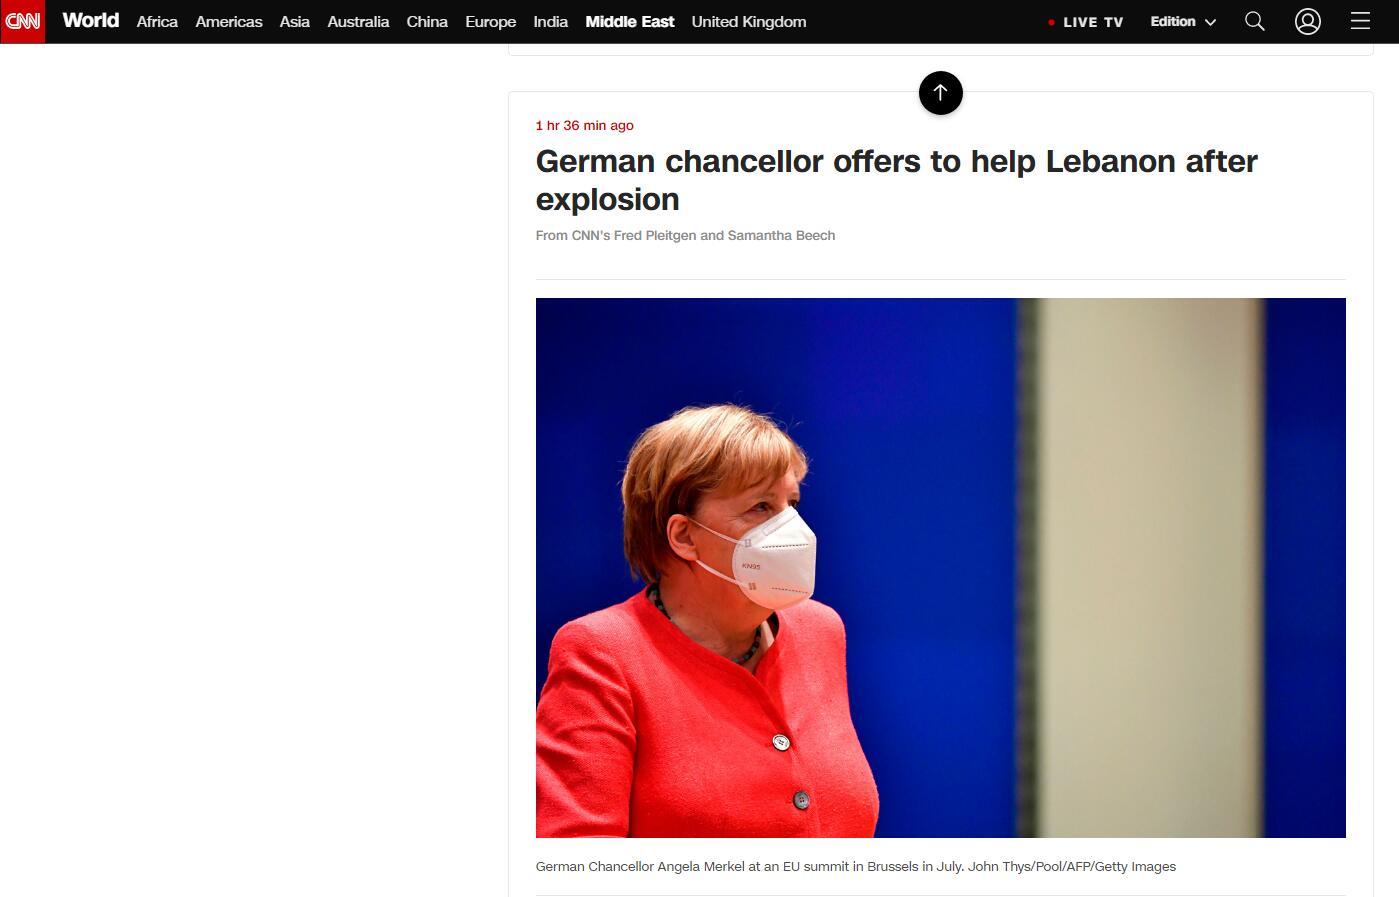 """【快猫网址基础教程】_德国总理默克尔、澳总理莫里森就""""贝鲁特大爆炸""""发声"""